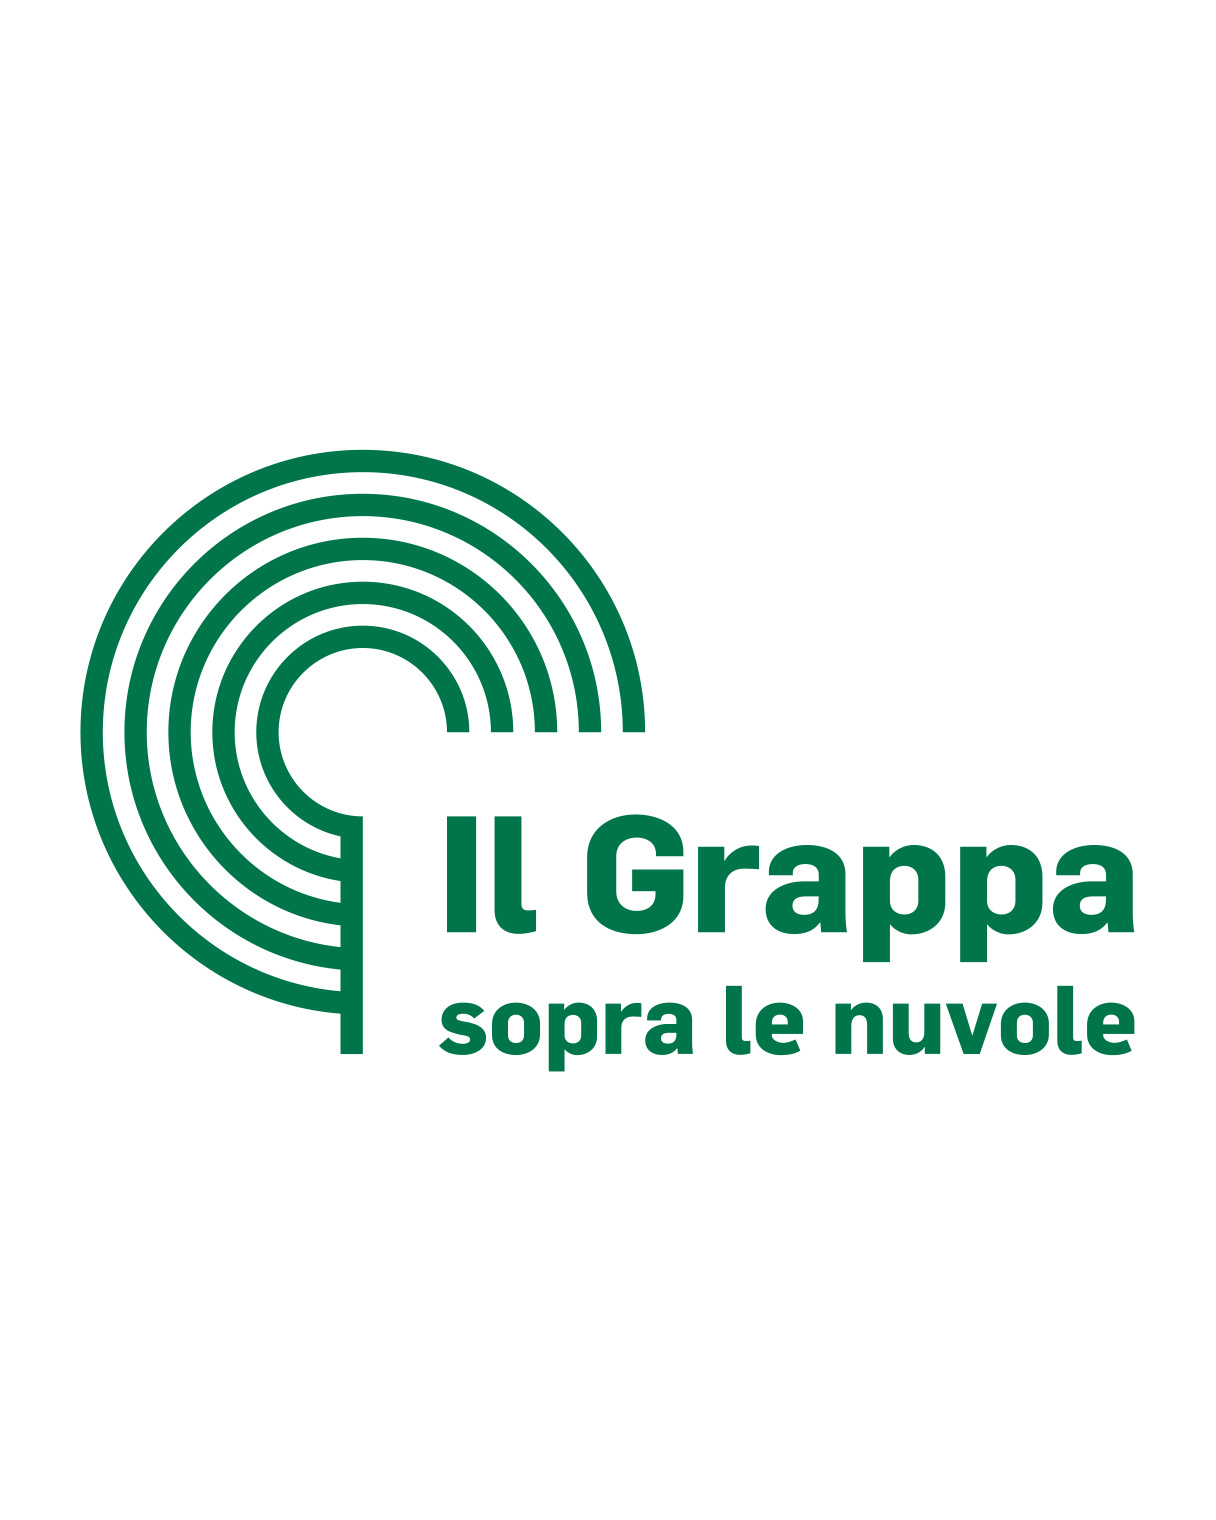 Strategia di marketing territoriale logo Il Grappa | Kora Comunicazione